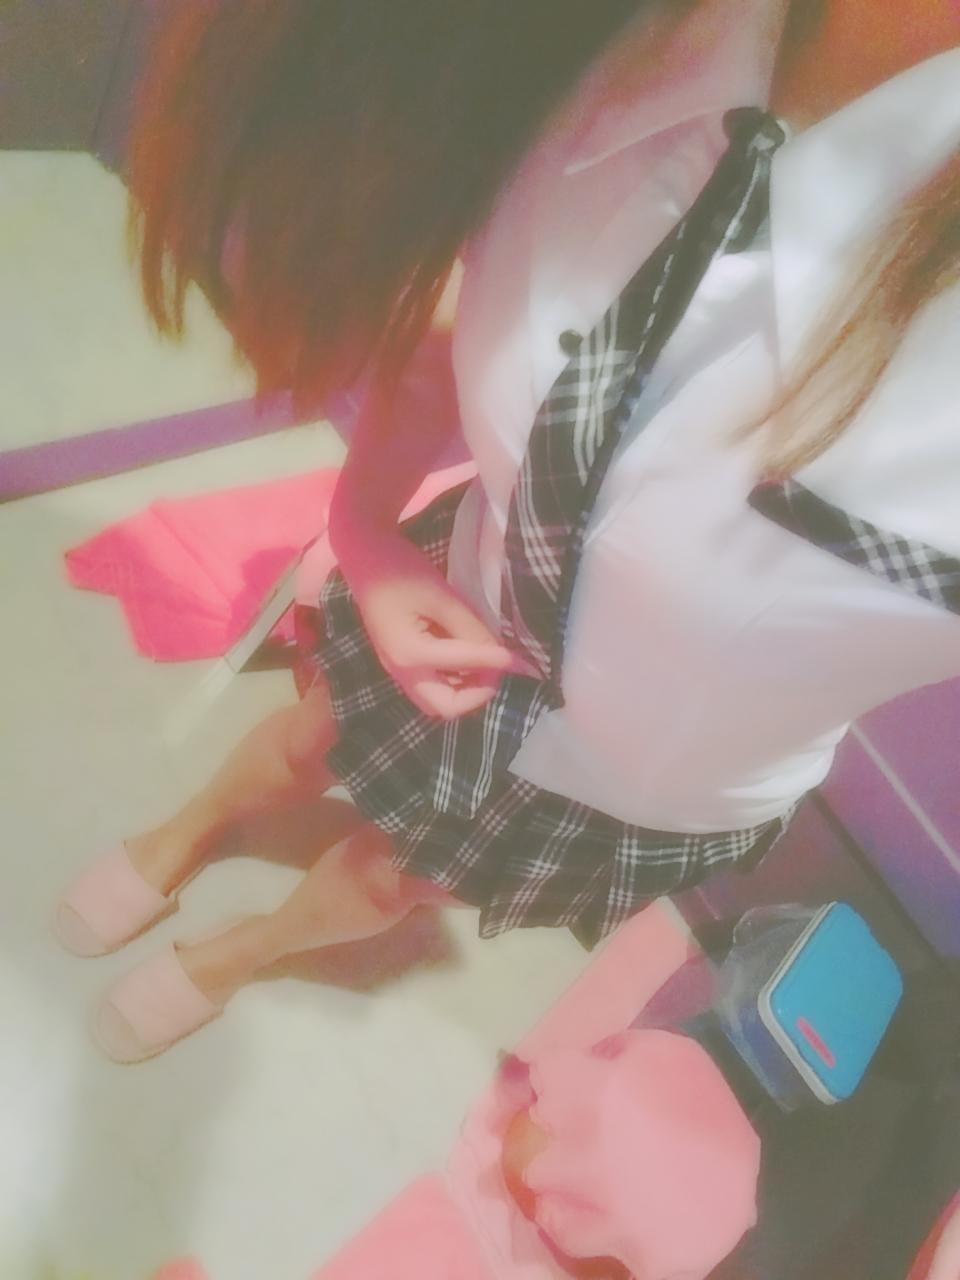 「こんにちは!」07/23(07/23) 15:21 | なおの写メ・風俗動画